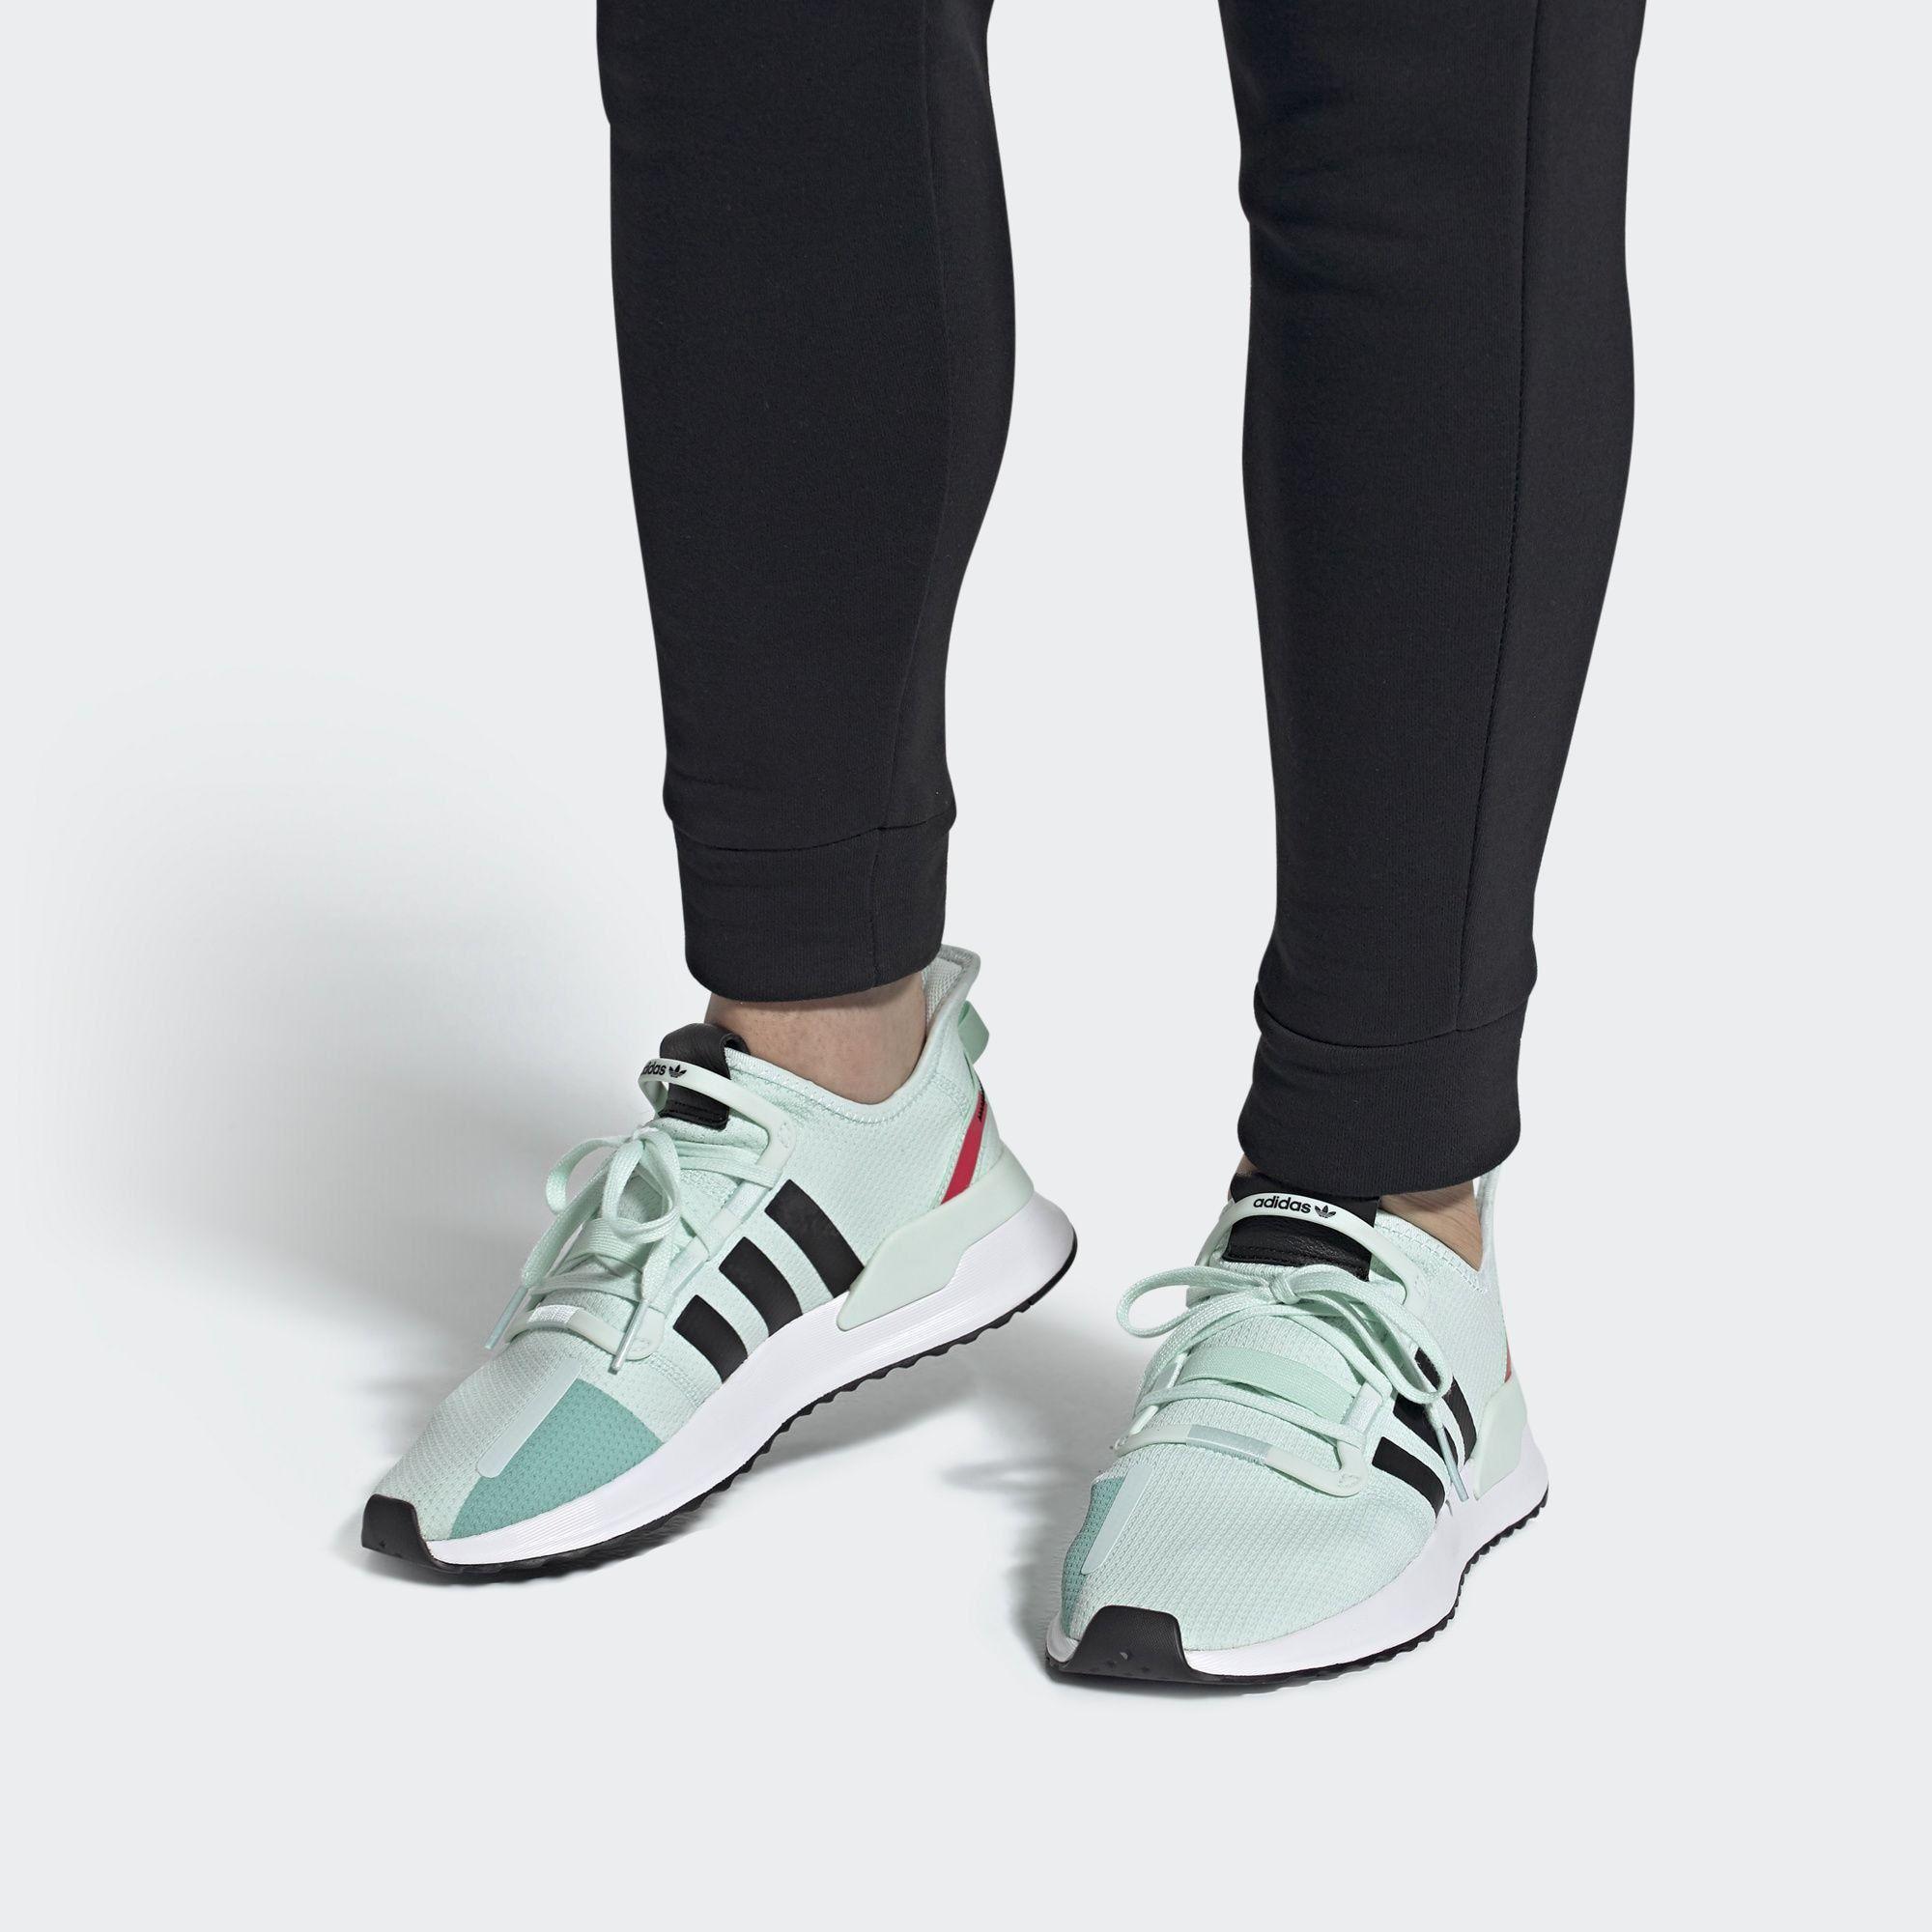 sportschuhe adidas schwarz your run